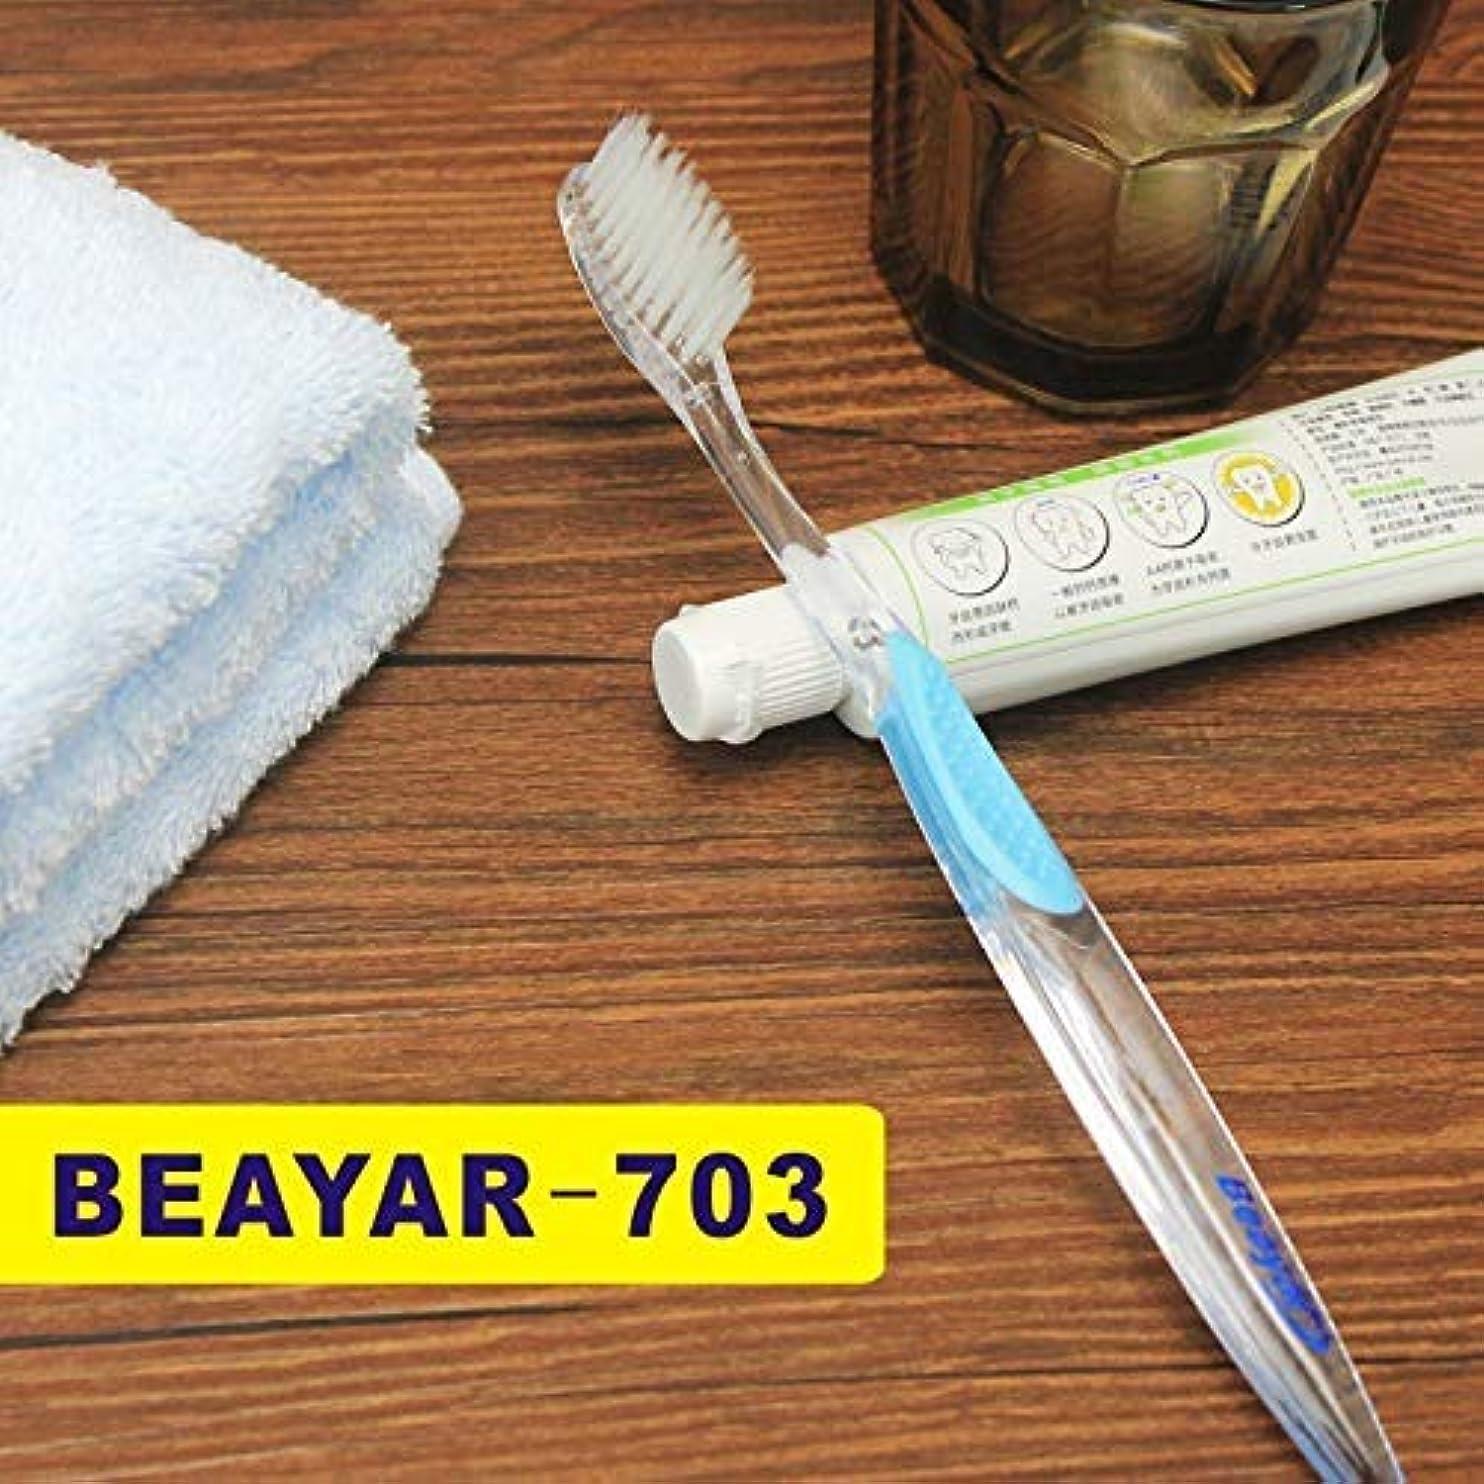 ライバルペストリー過言4個の歯のクリーニングブラシソフトスリム竹炭の歯ブラシ大人の歯ブラシ、By-703-ランダムカラー